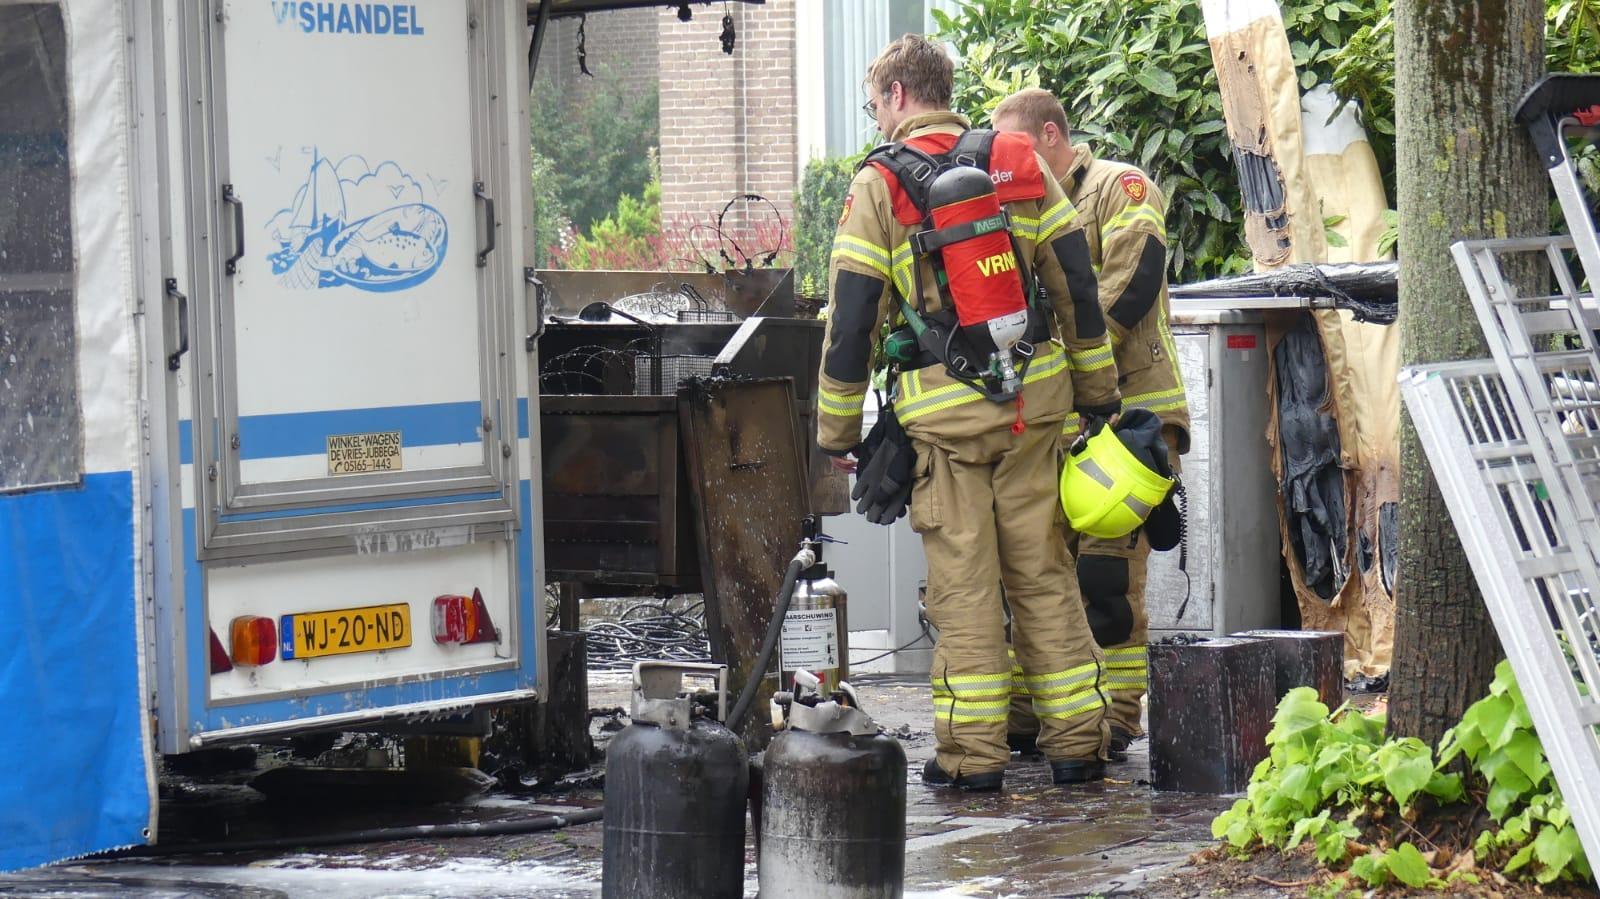 Brand in kraam van Volendammer Vishandel op Schager markt: 'Ik was als de dood dat de gasflessen zouden ontploffen' [video]